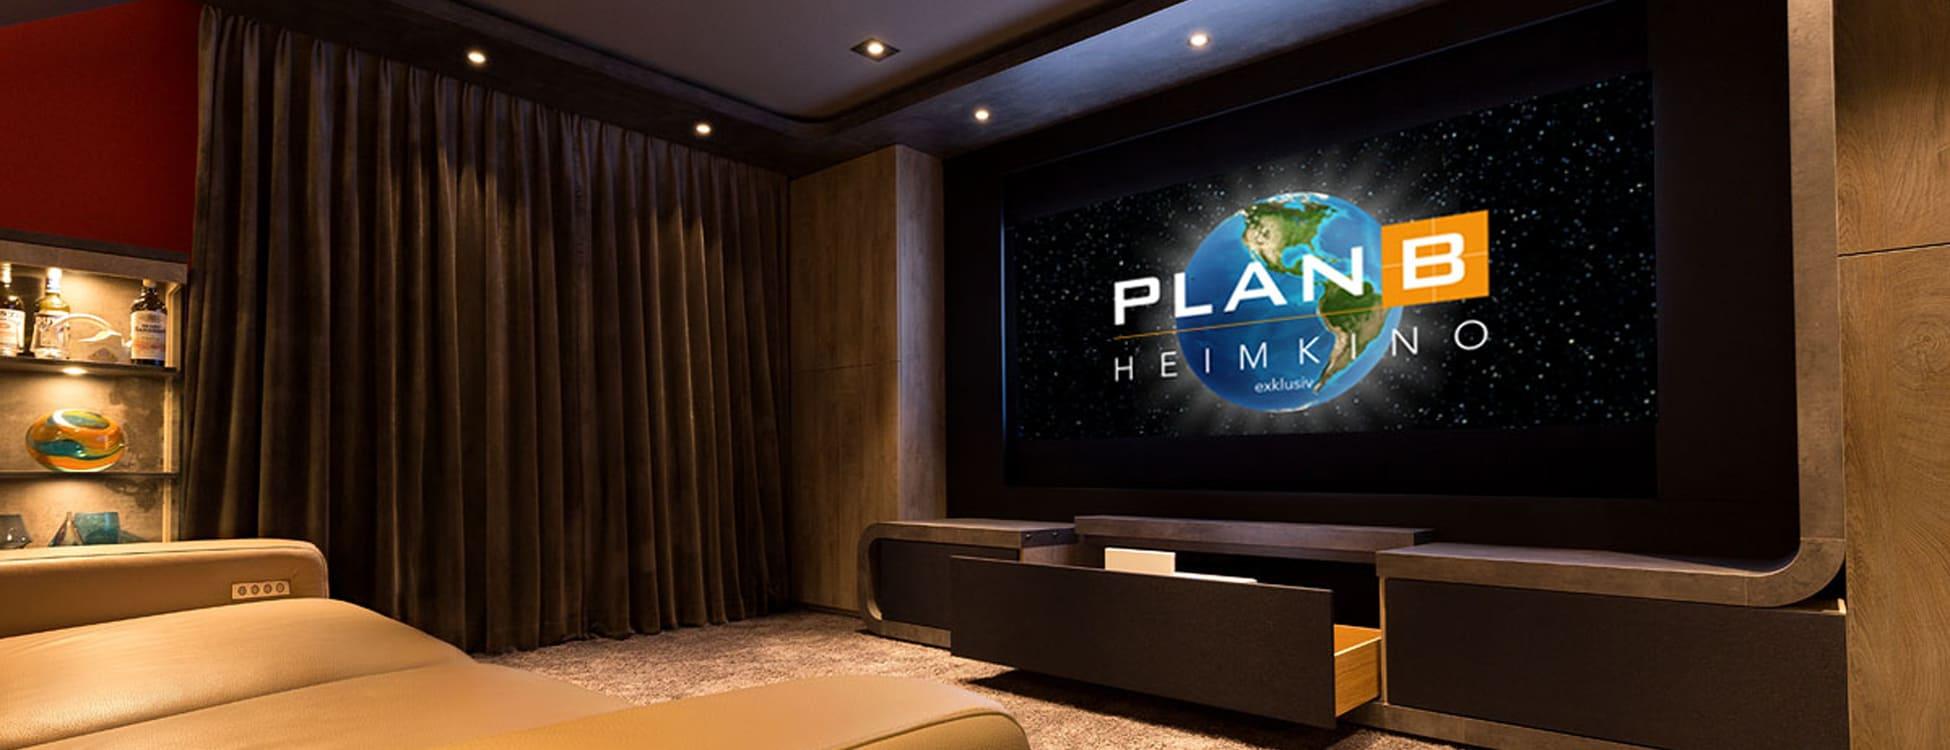 PlanB Heimkino Raumwandler